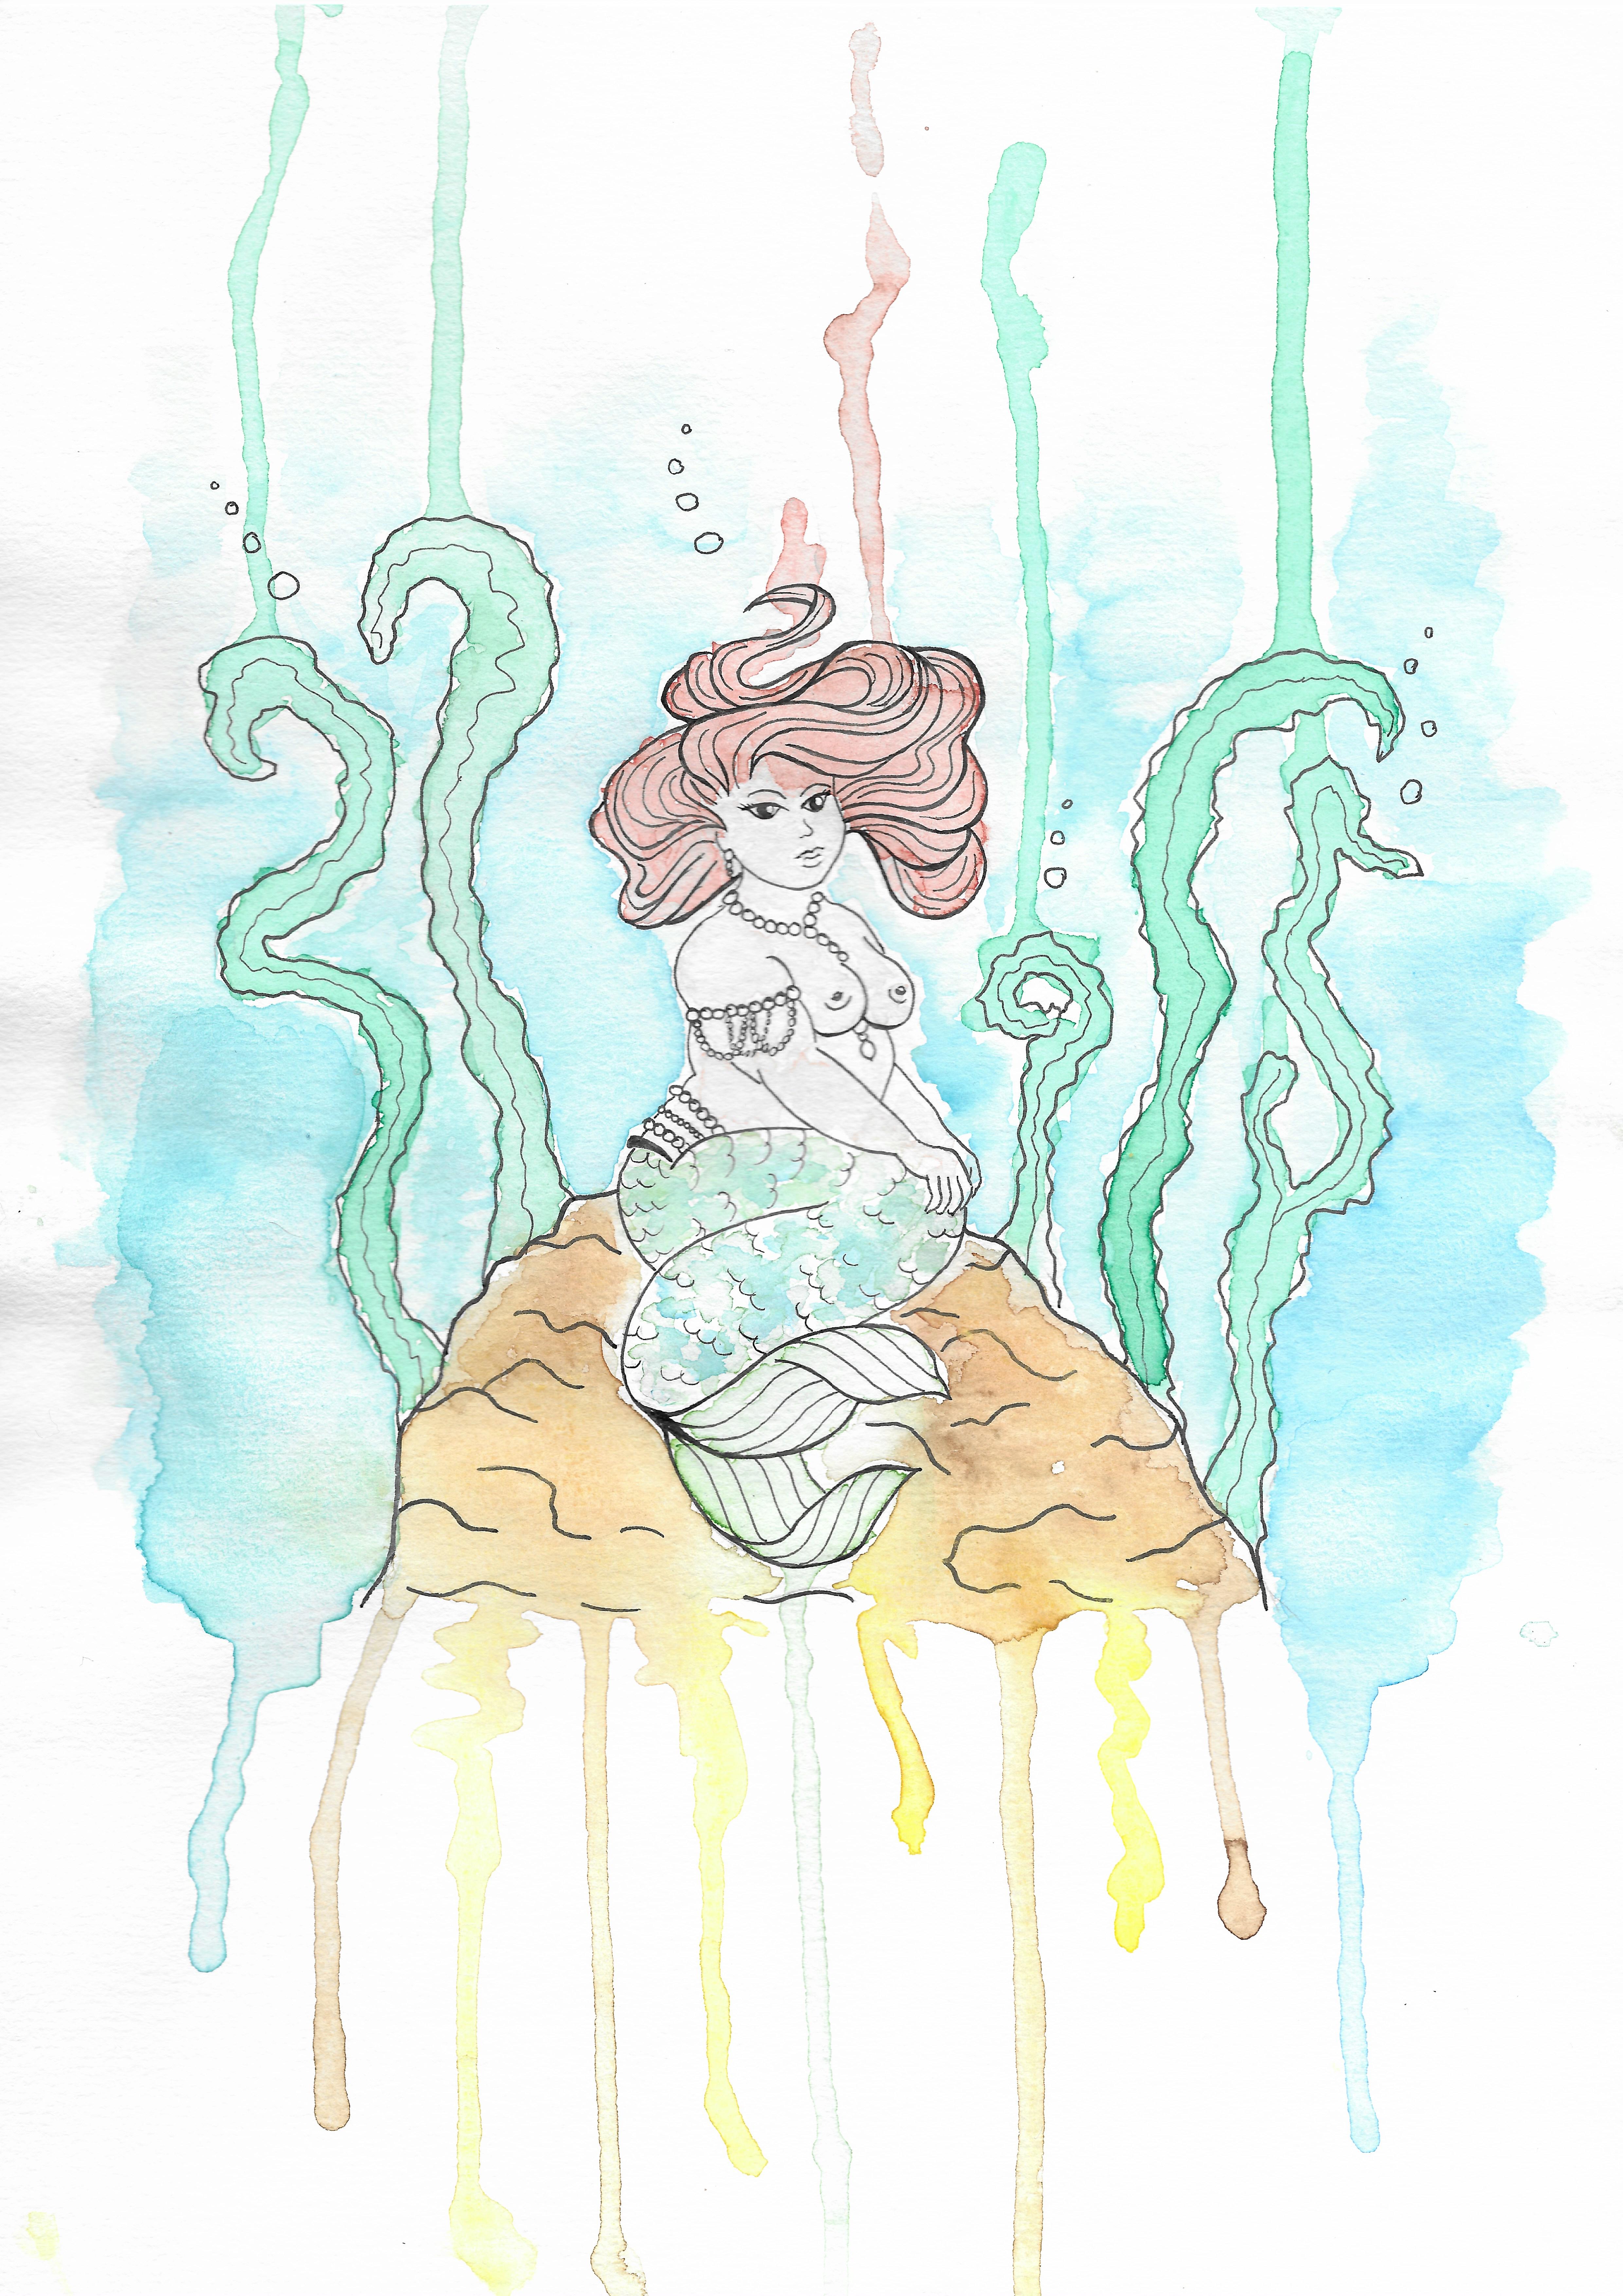 Gallïane Murmures – Mermaid